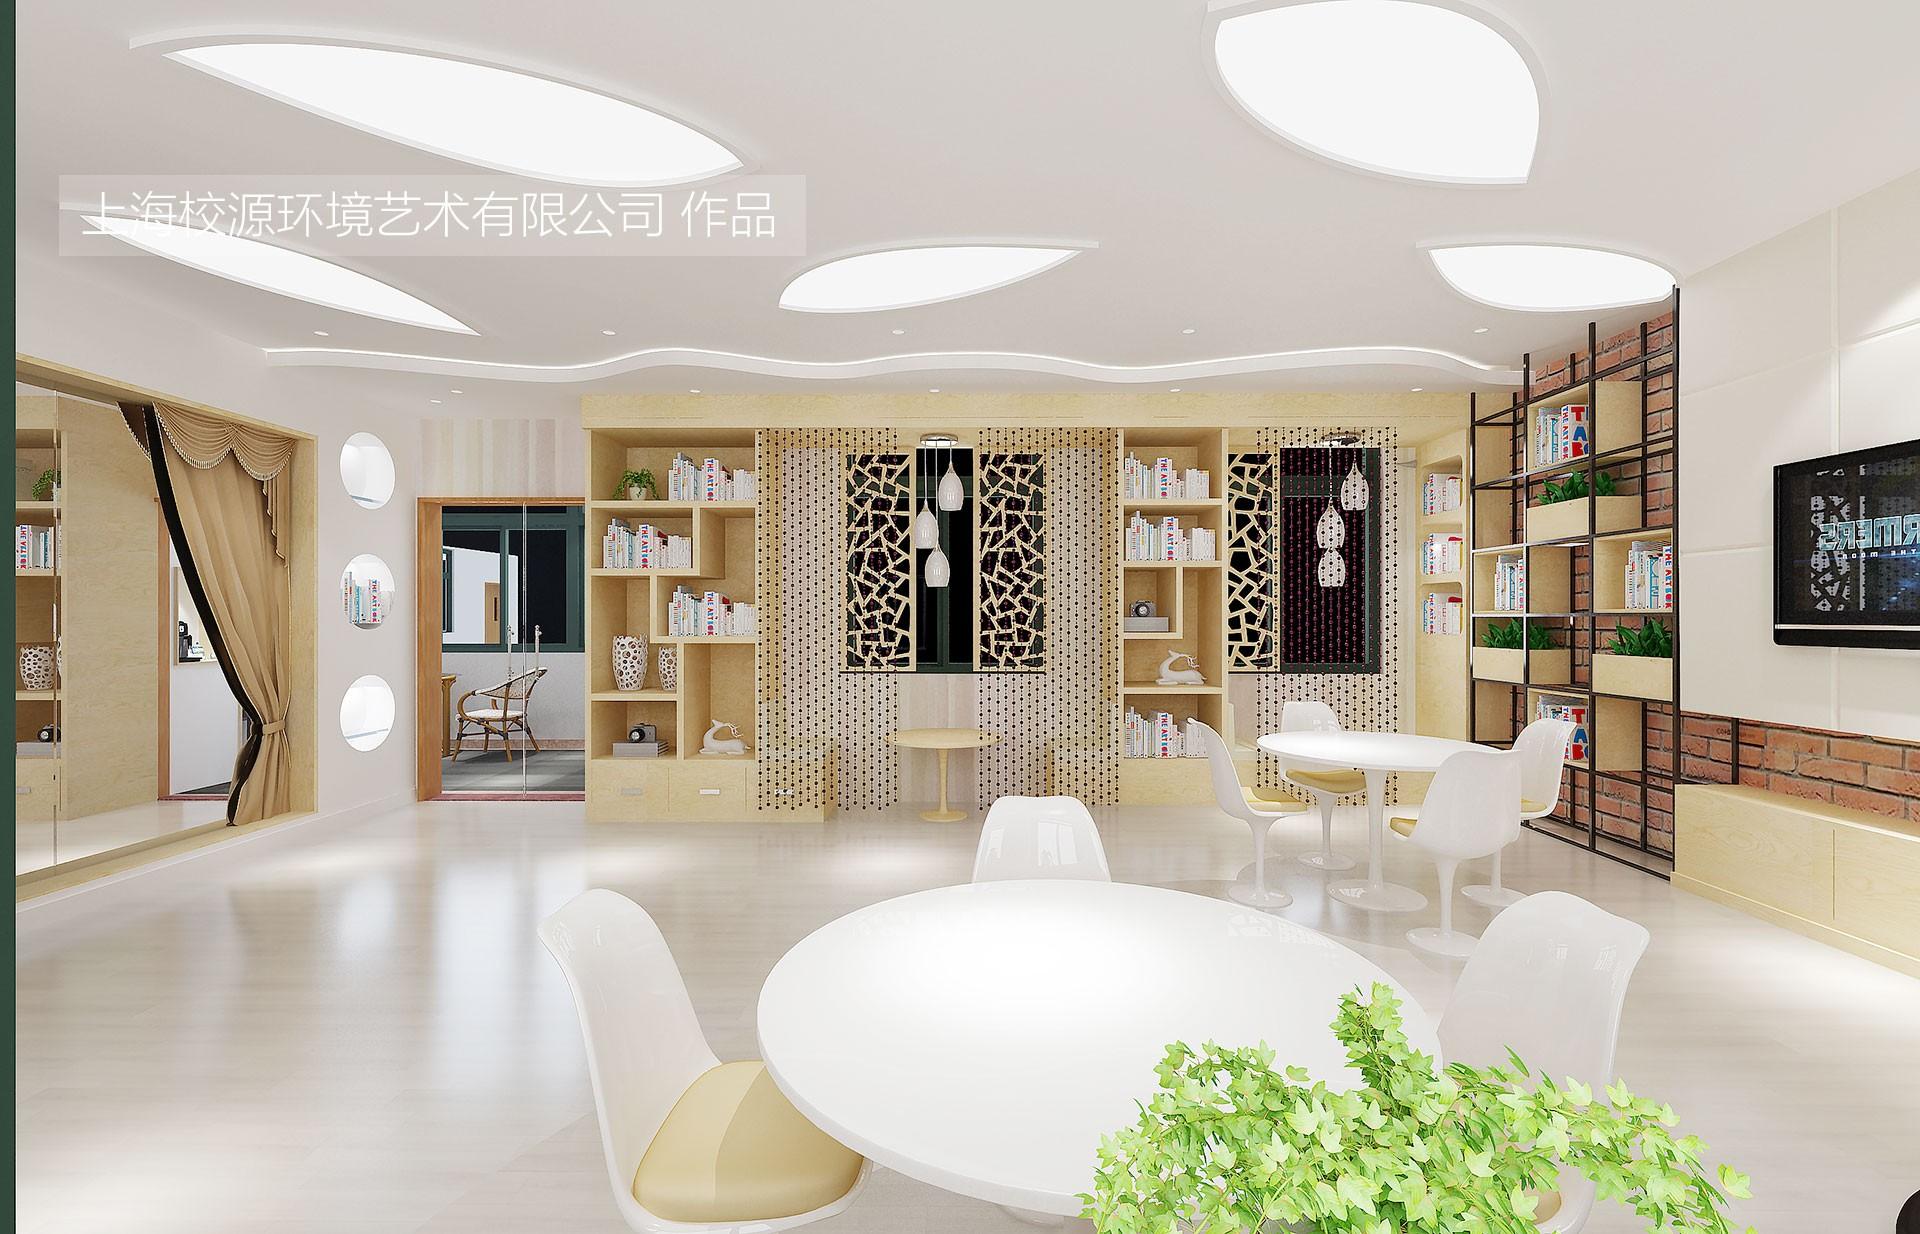 杨浦区教育资产管理中心电子规划室、教工之家设计施工